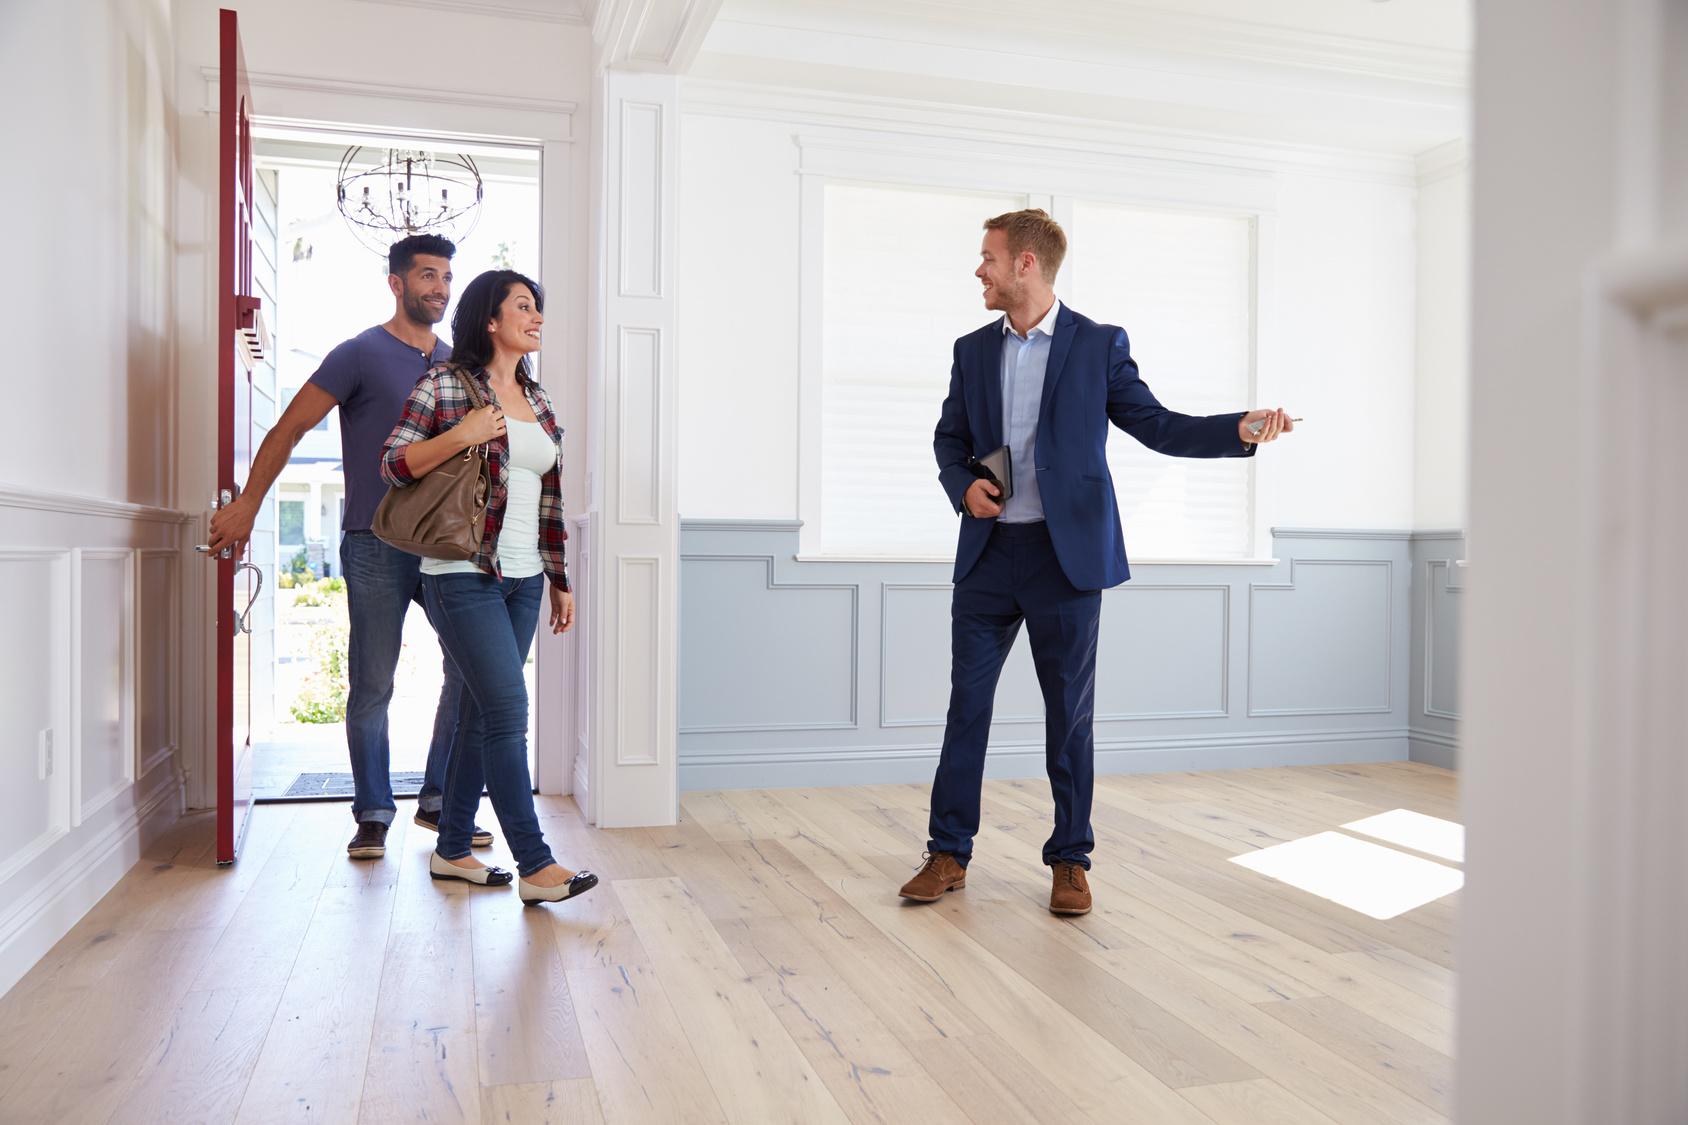 Le numérique ne remplace pas encore l'agent immobilier traditionnel